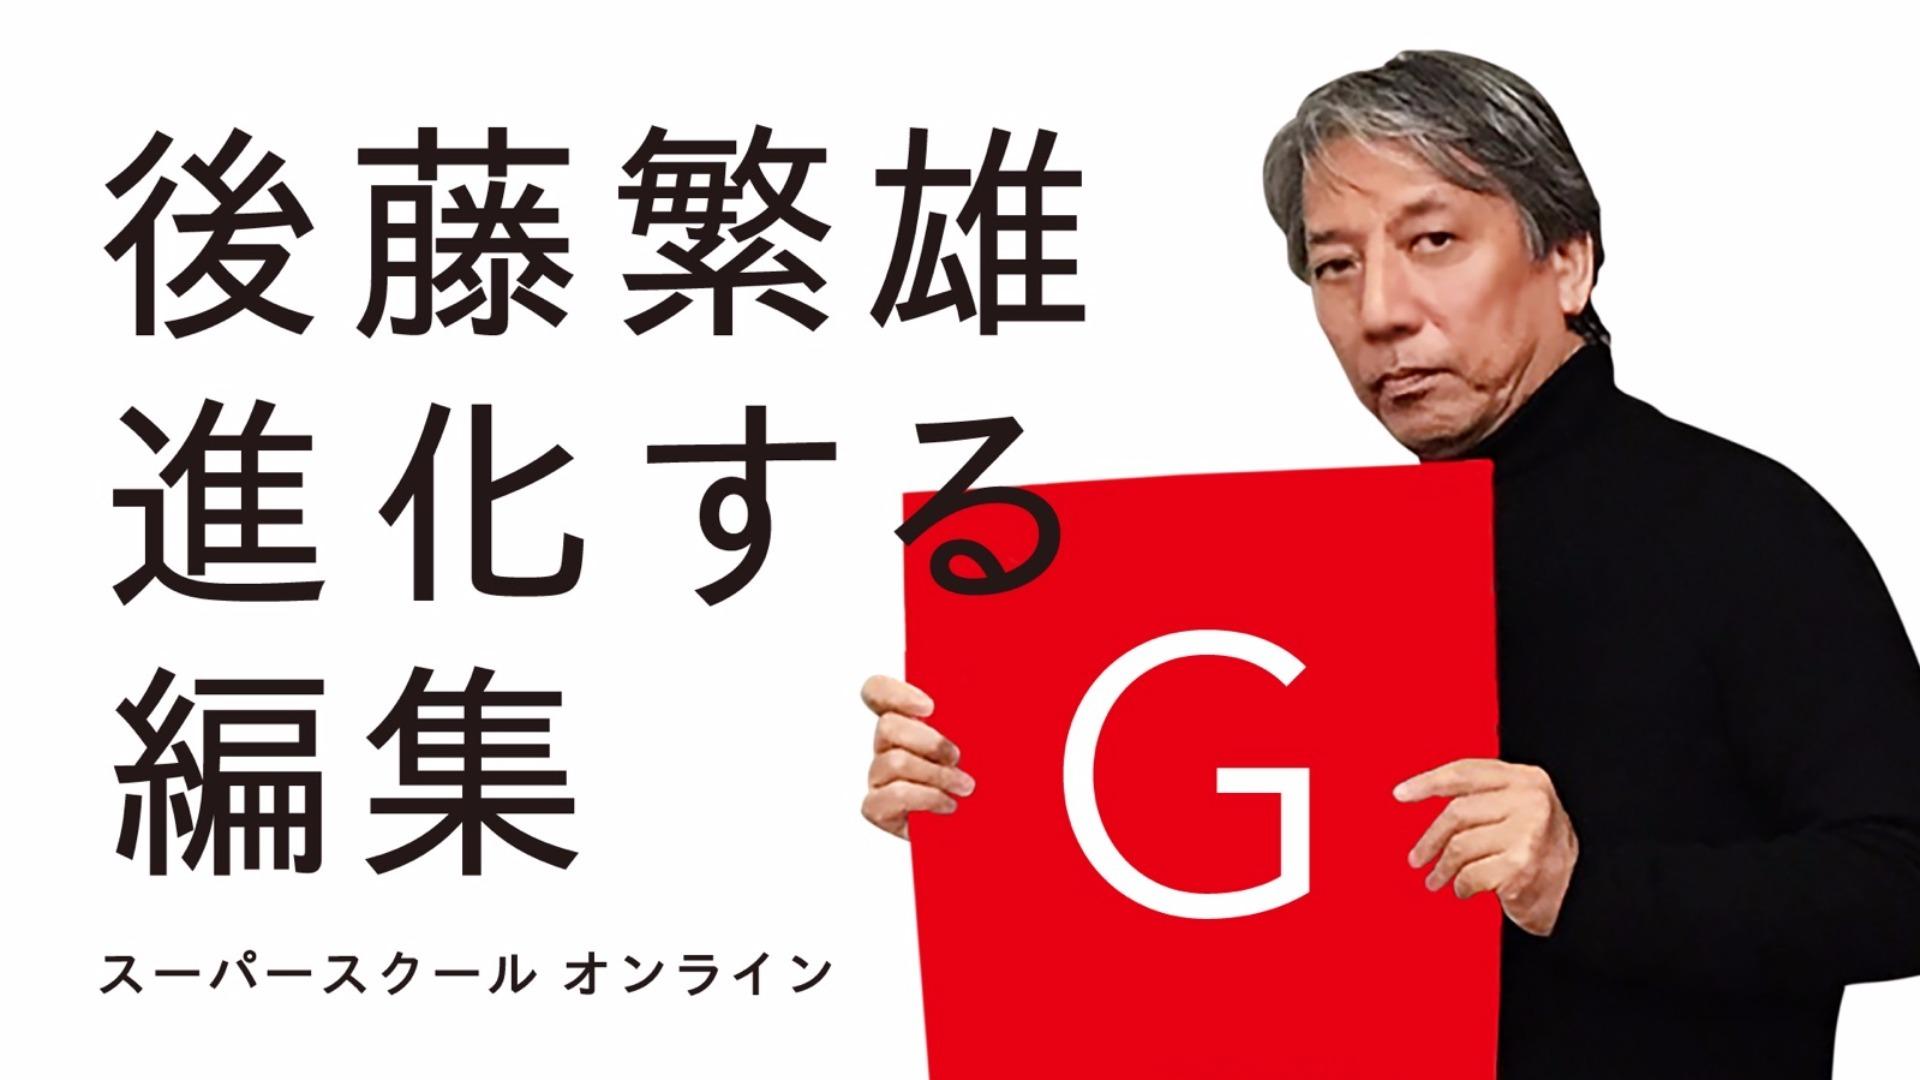 後藤繁雄 - 後藤繁雄 進化する編集 - DMM オンラインサロン